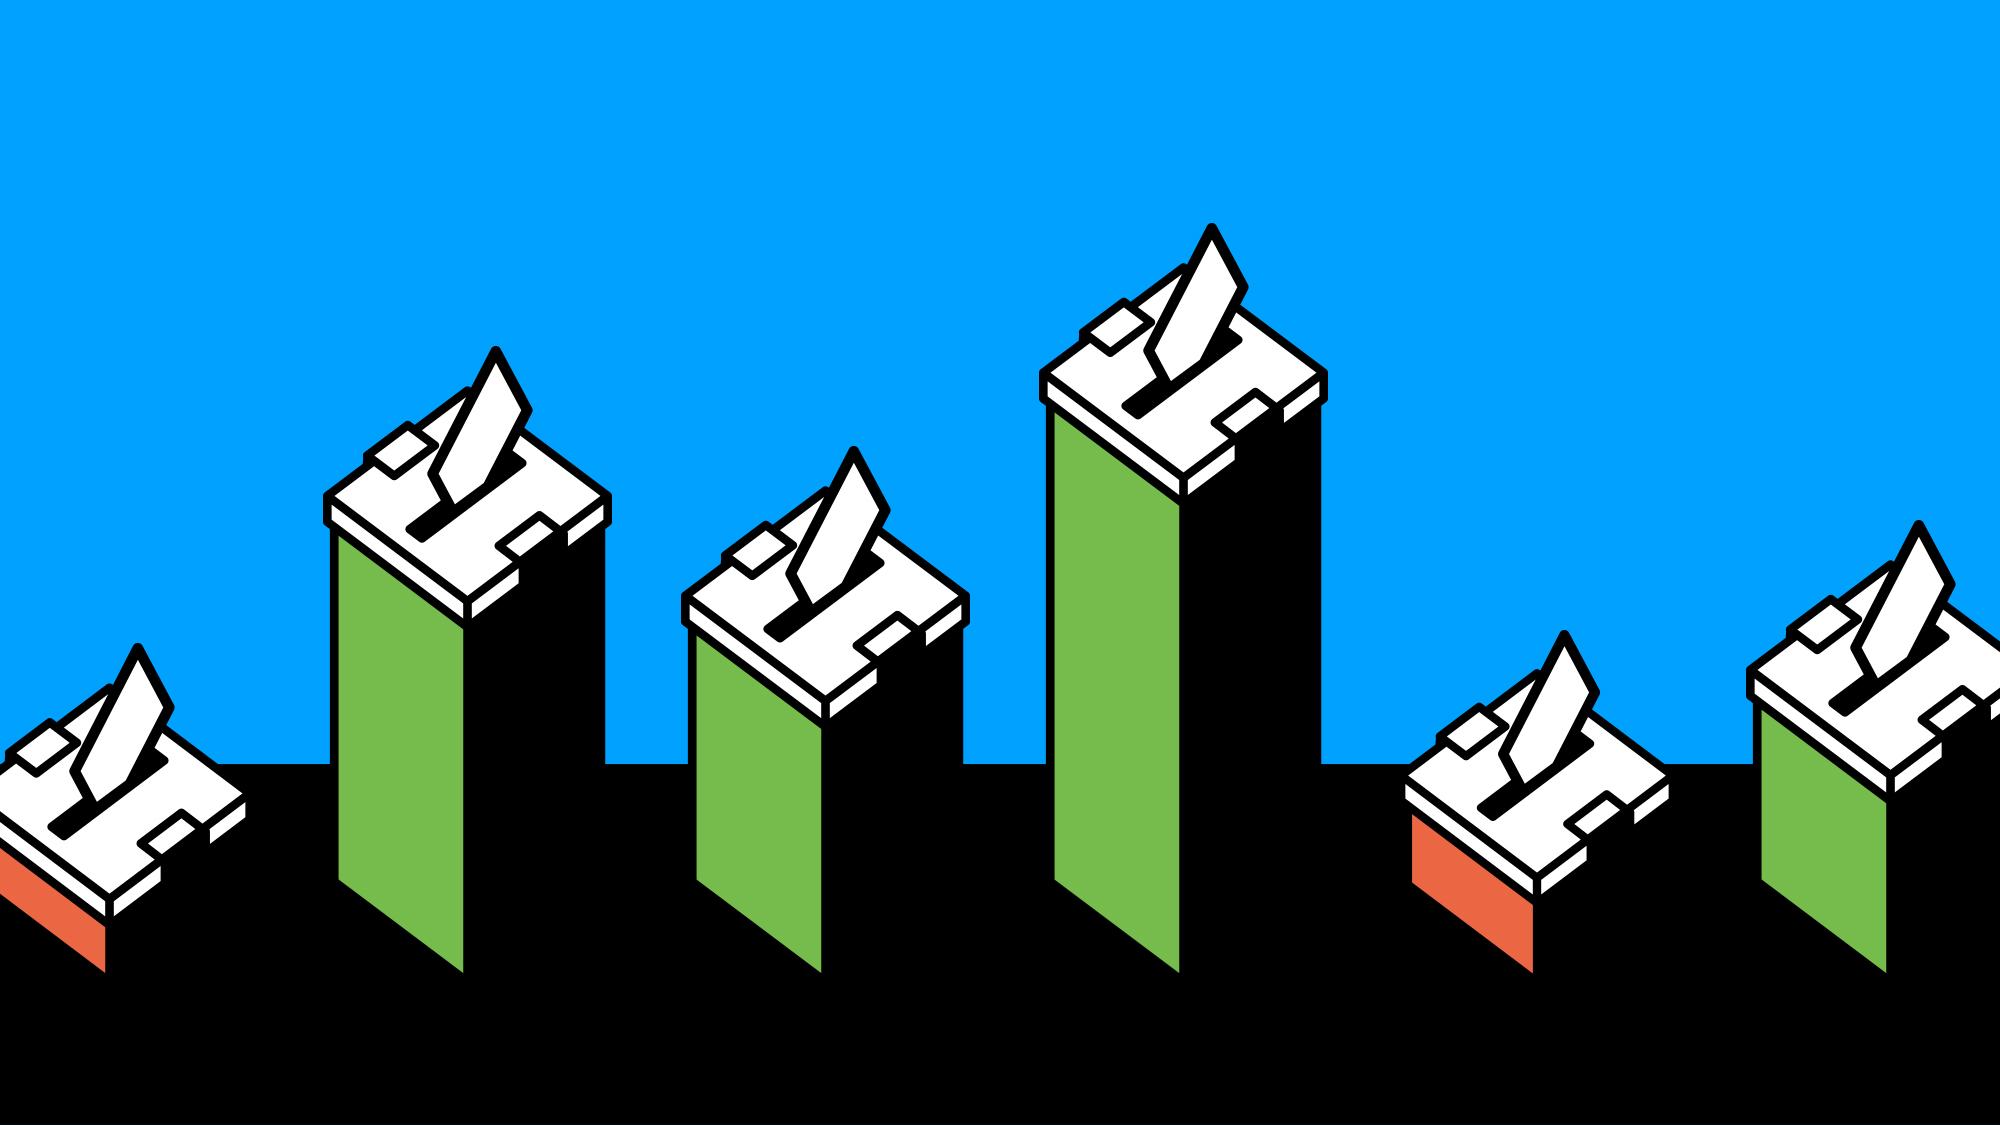 Die Resultate des Abstimmungssonntags vom 4. März.